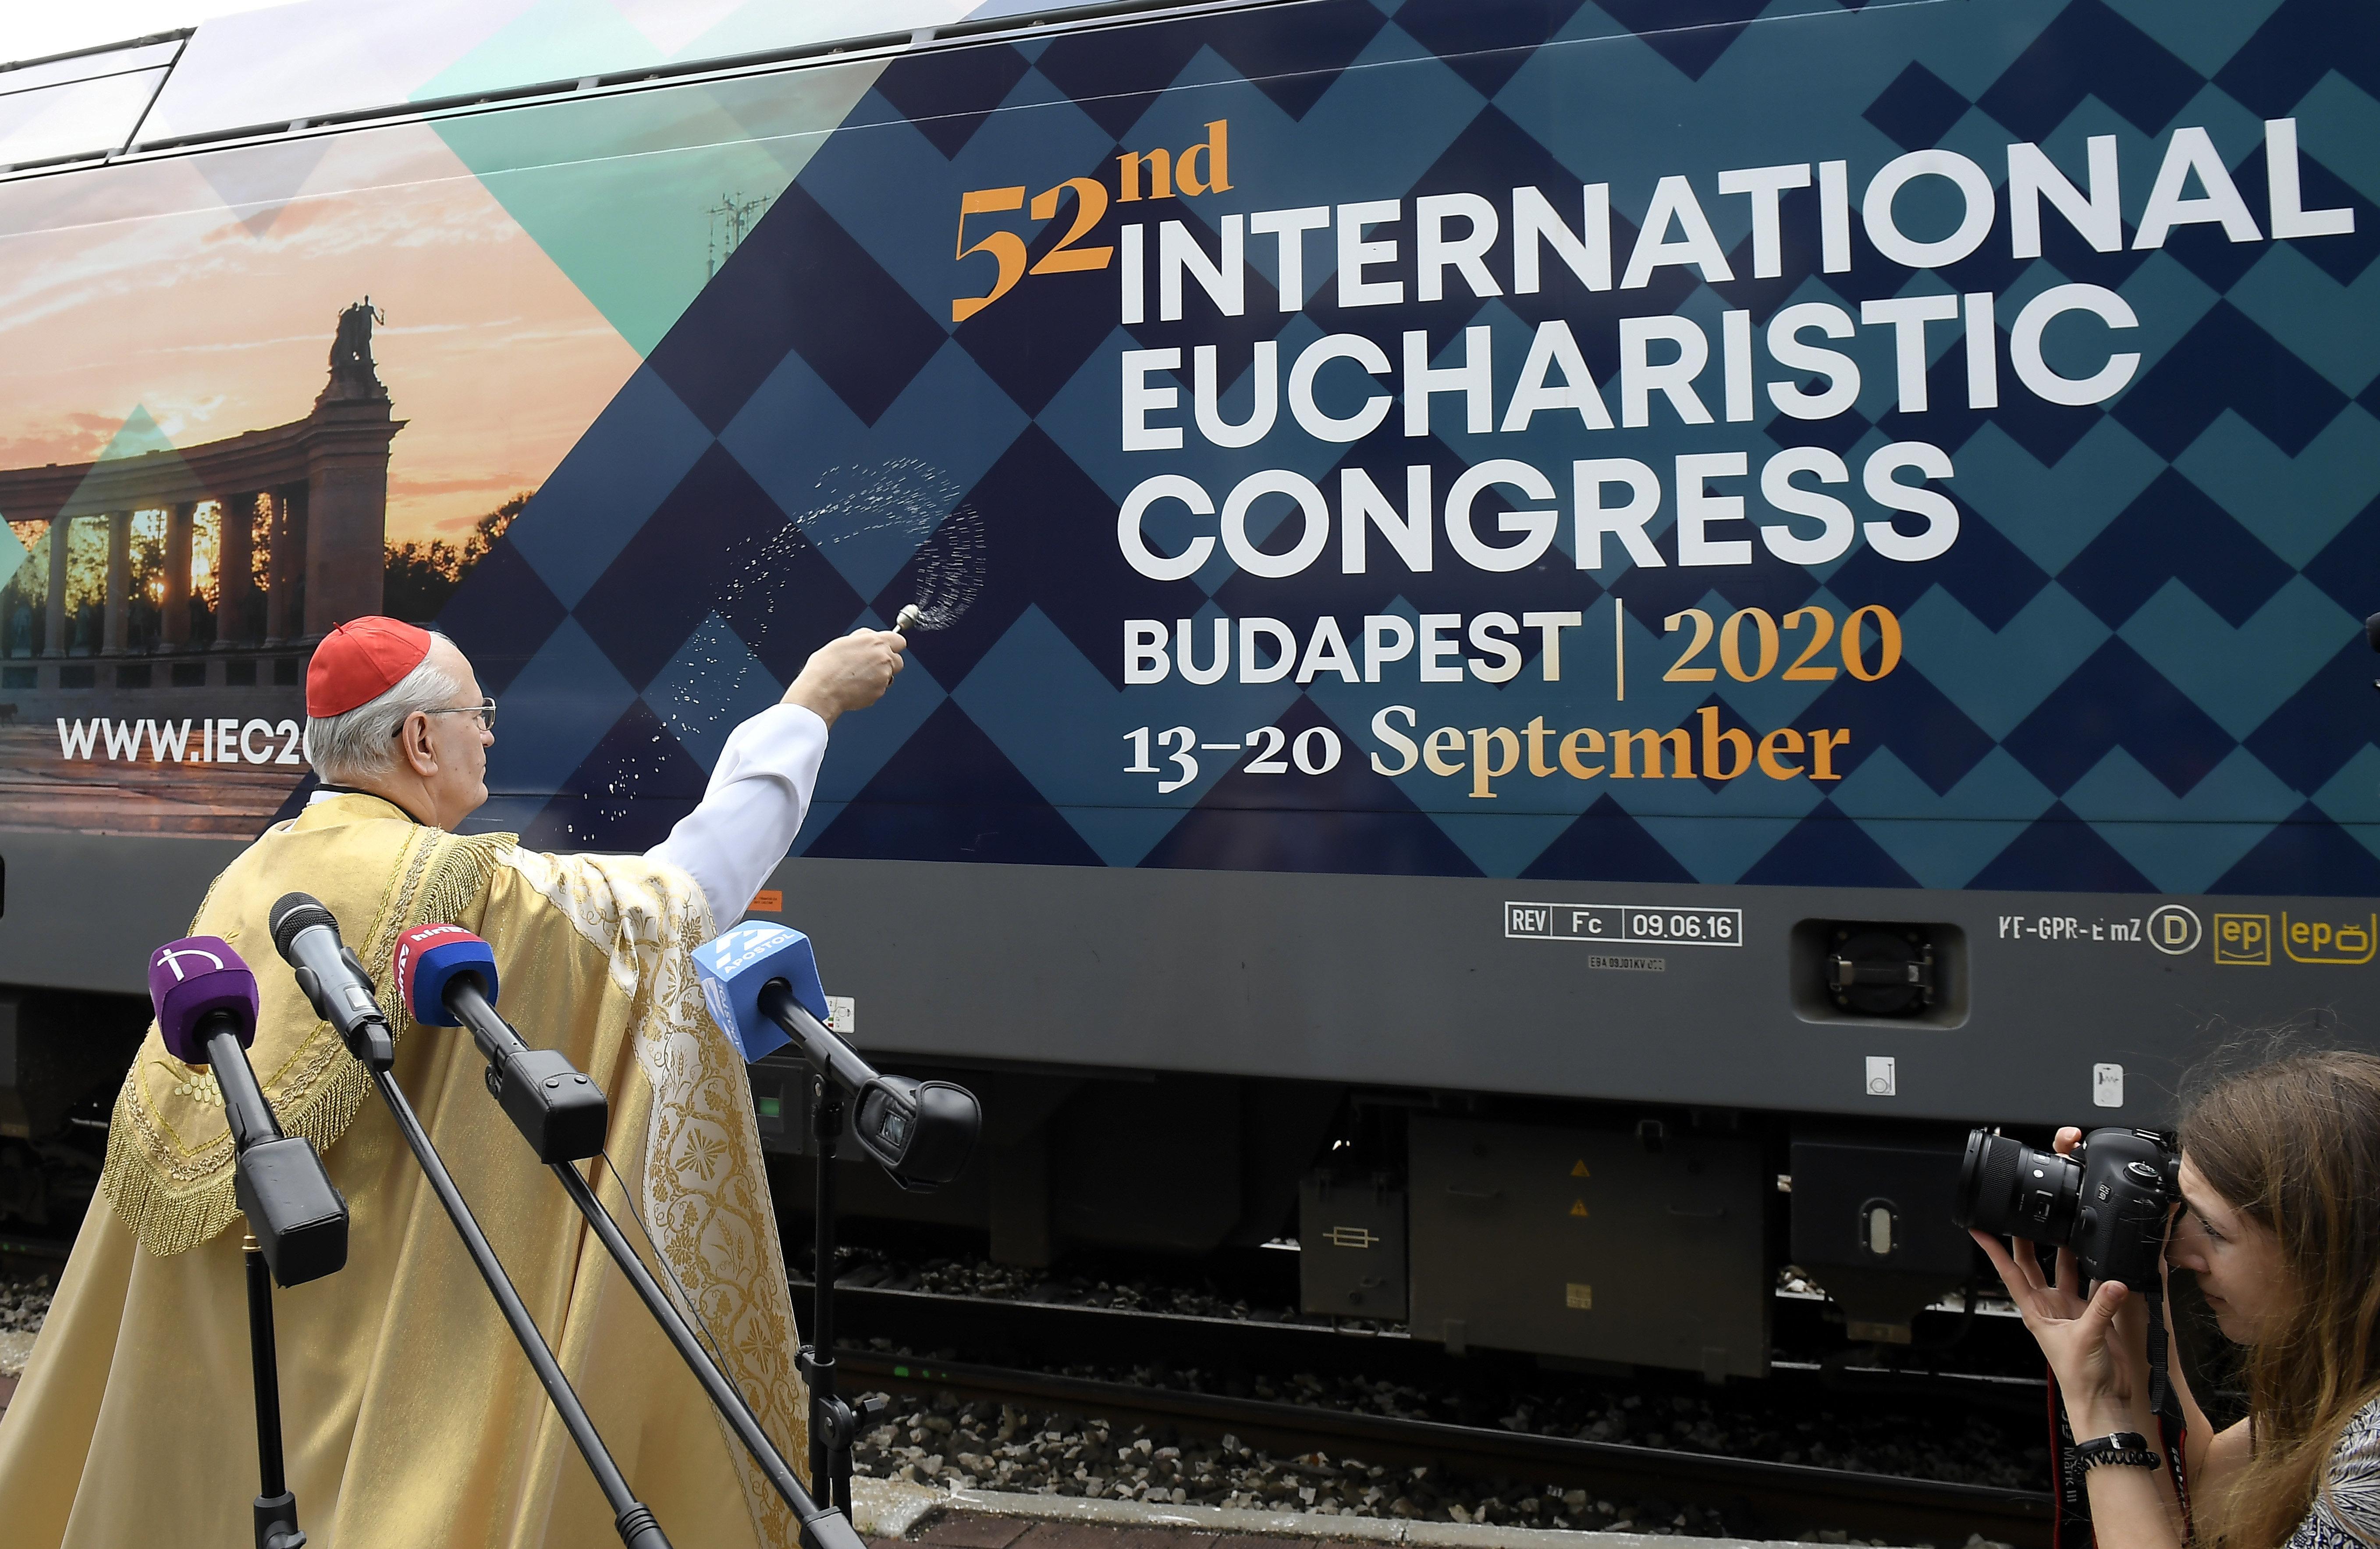 Neuer Termin für den Eucharistischen Weltkongress steht fest post's picture